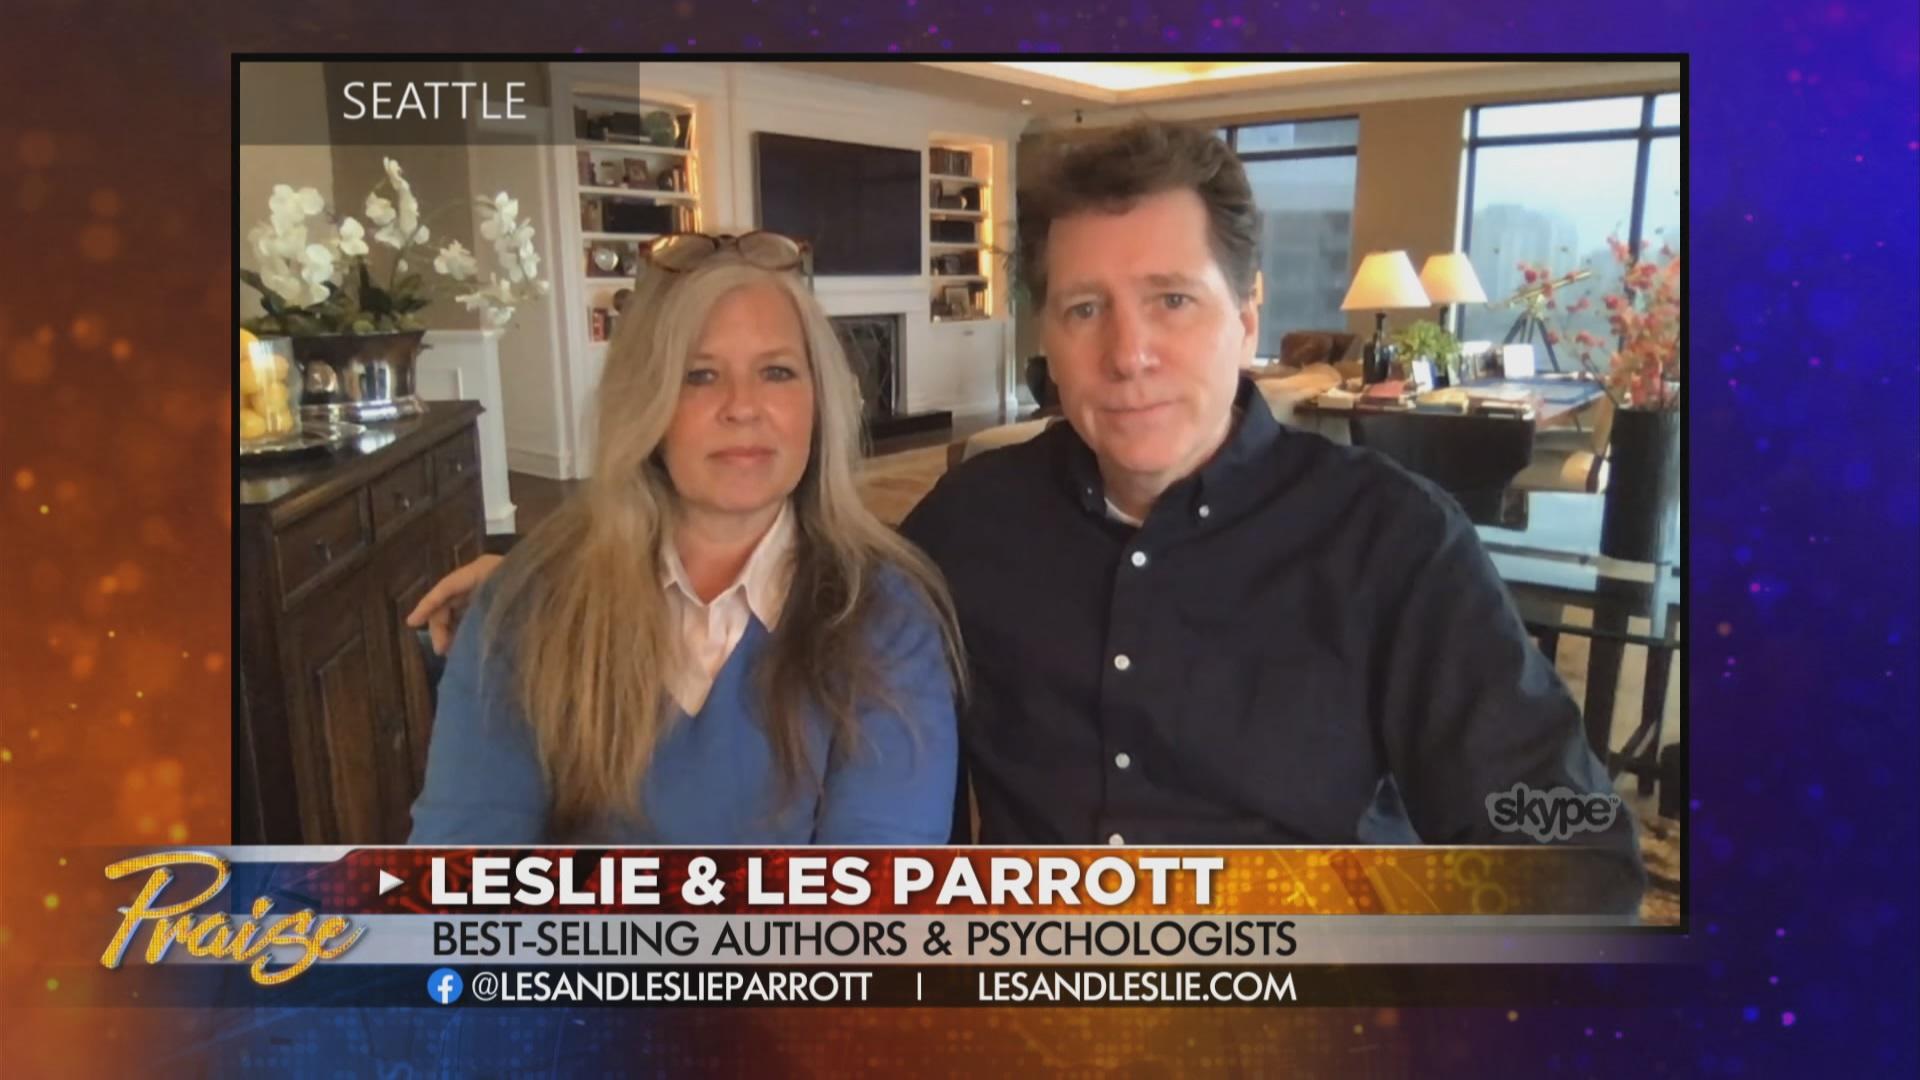 Praise | Les and Leslie Parrott | April 23, 2020